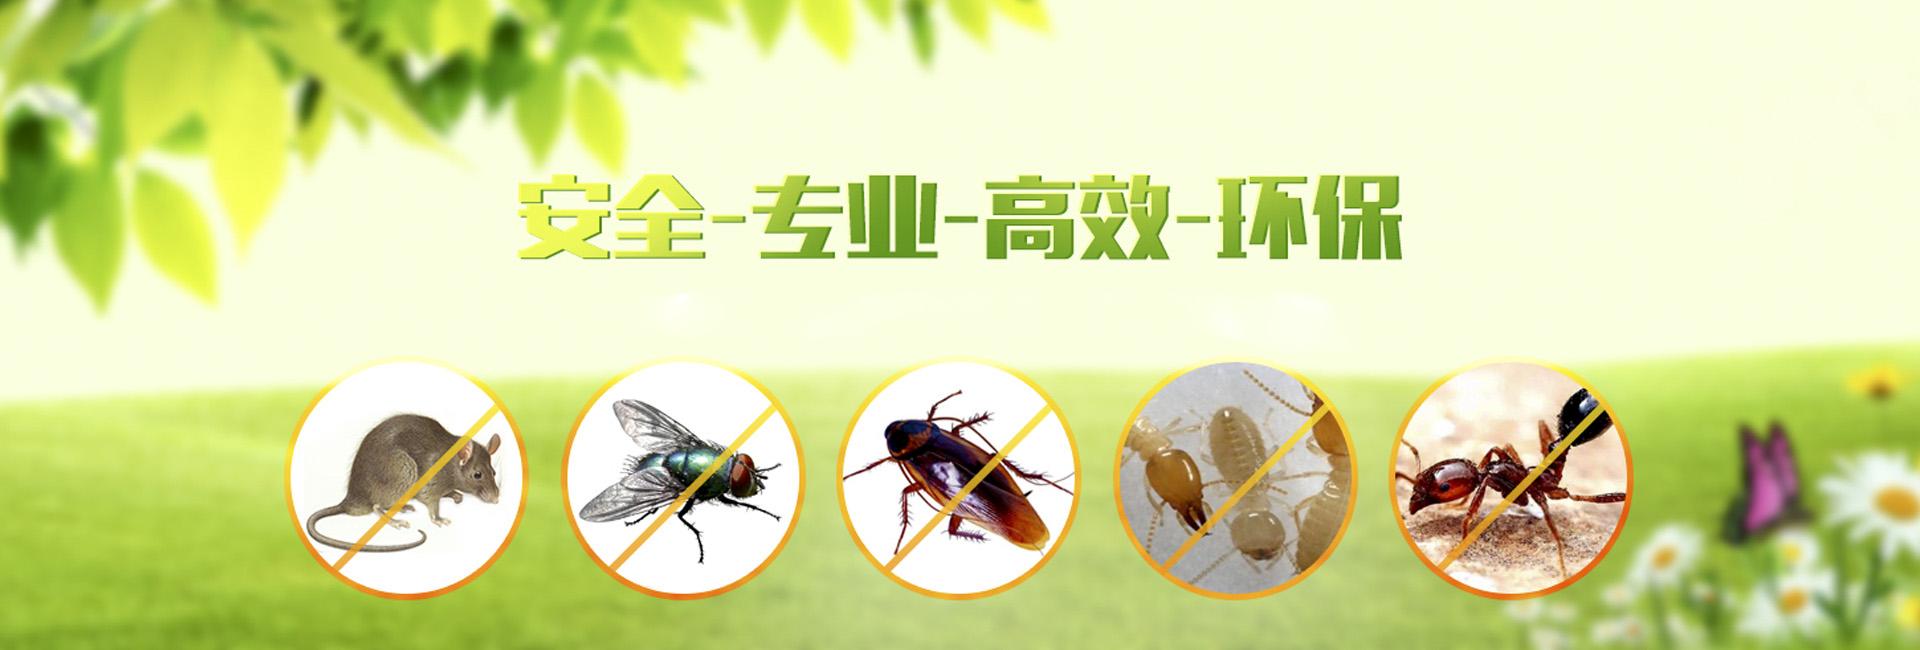 云南馬氏兄弟提供安全、專業、高效、環保服務